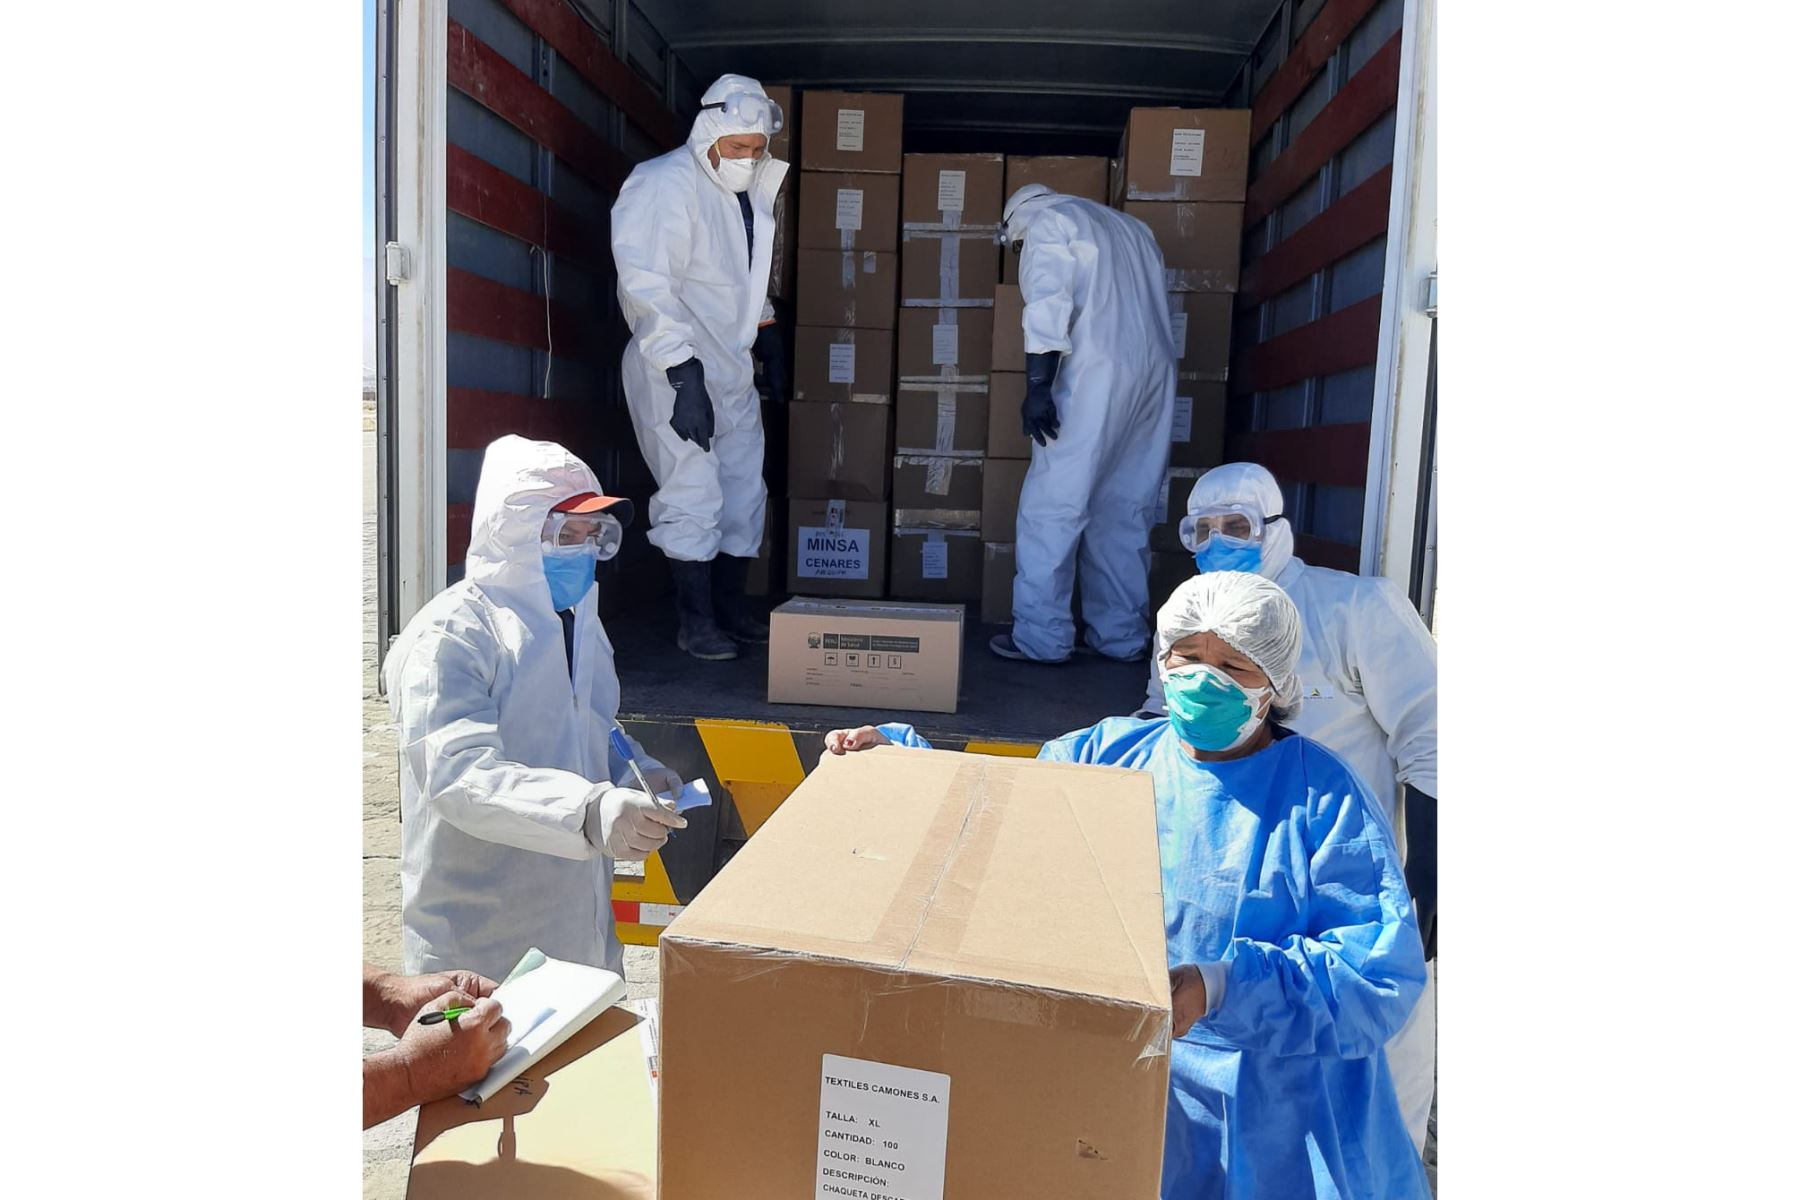 El Cenares envió equipos de protección personal para abastecer hospitales de la ciudad de Arequipa. Foto: Gobierno Regional de Arequipa